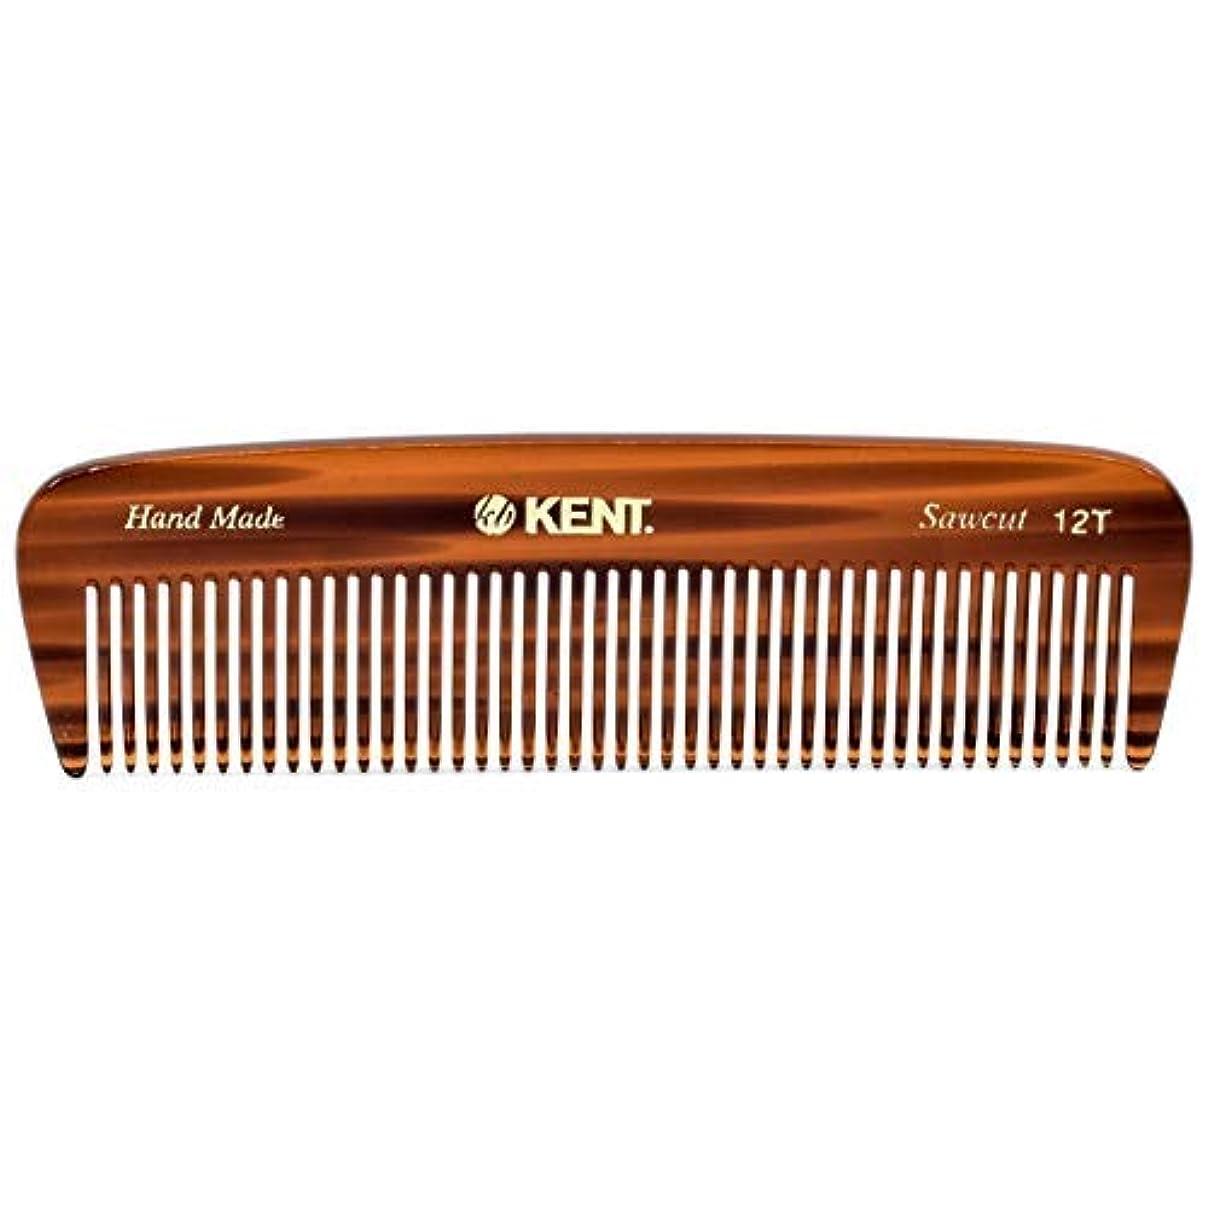 アマチュア衛星モーターKent 12T Handmade Medium Size Teeth for Thick/Coarse Hair Comb for Men/Women - For Grooming, Styling, and Detangling...